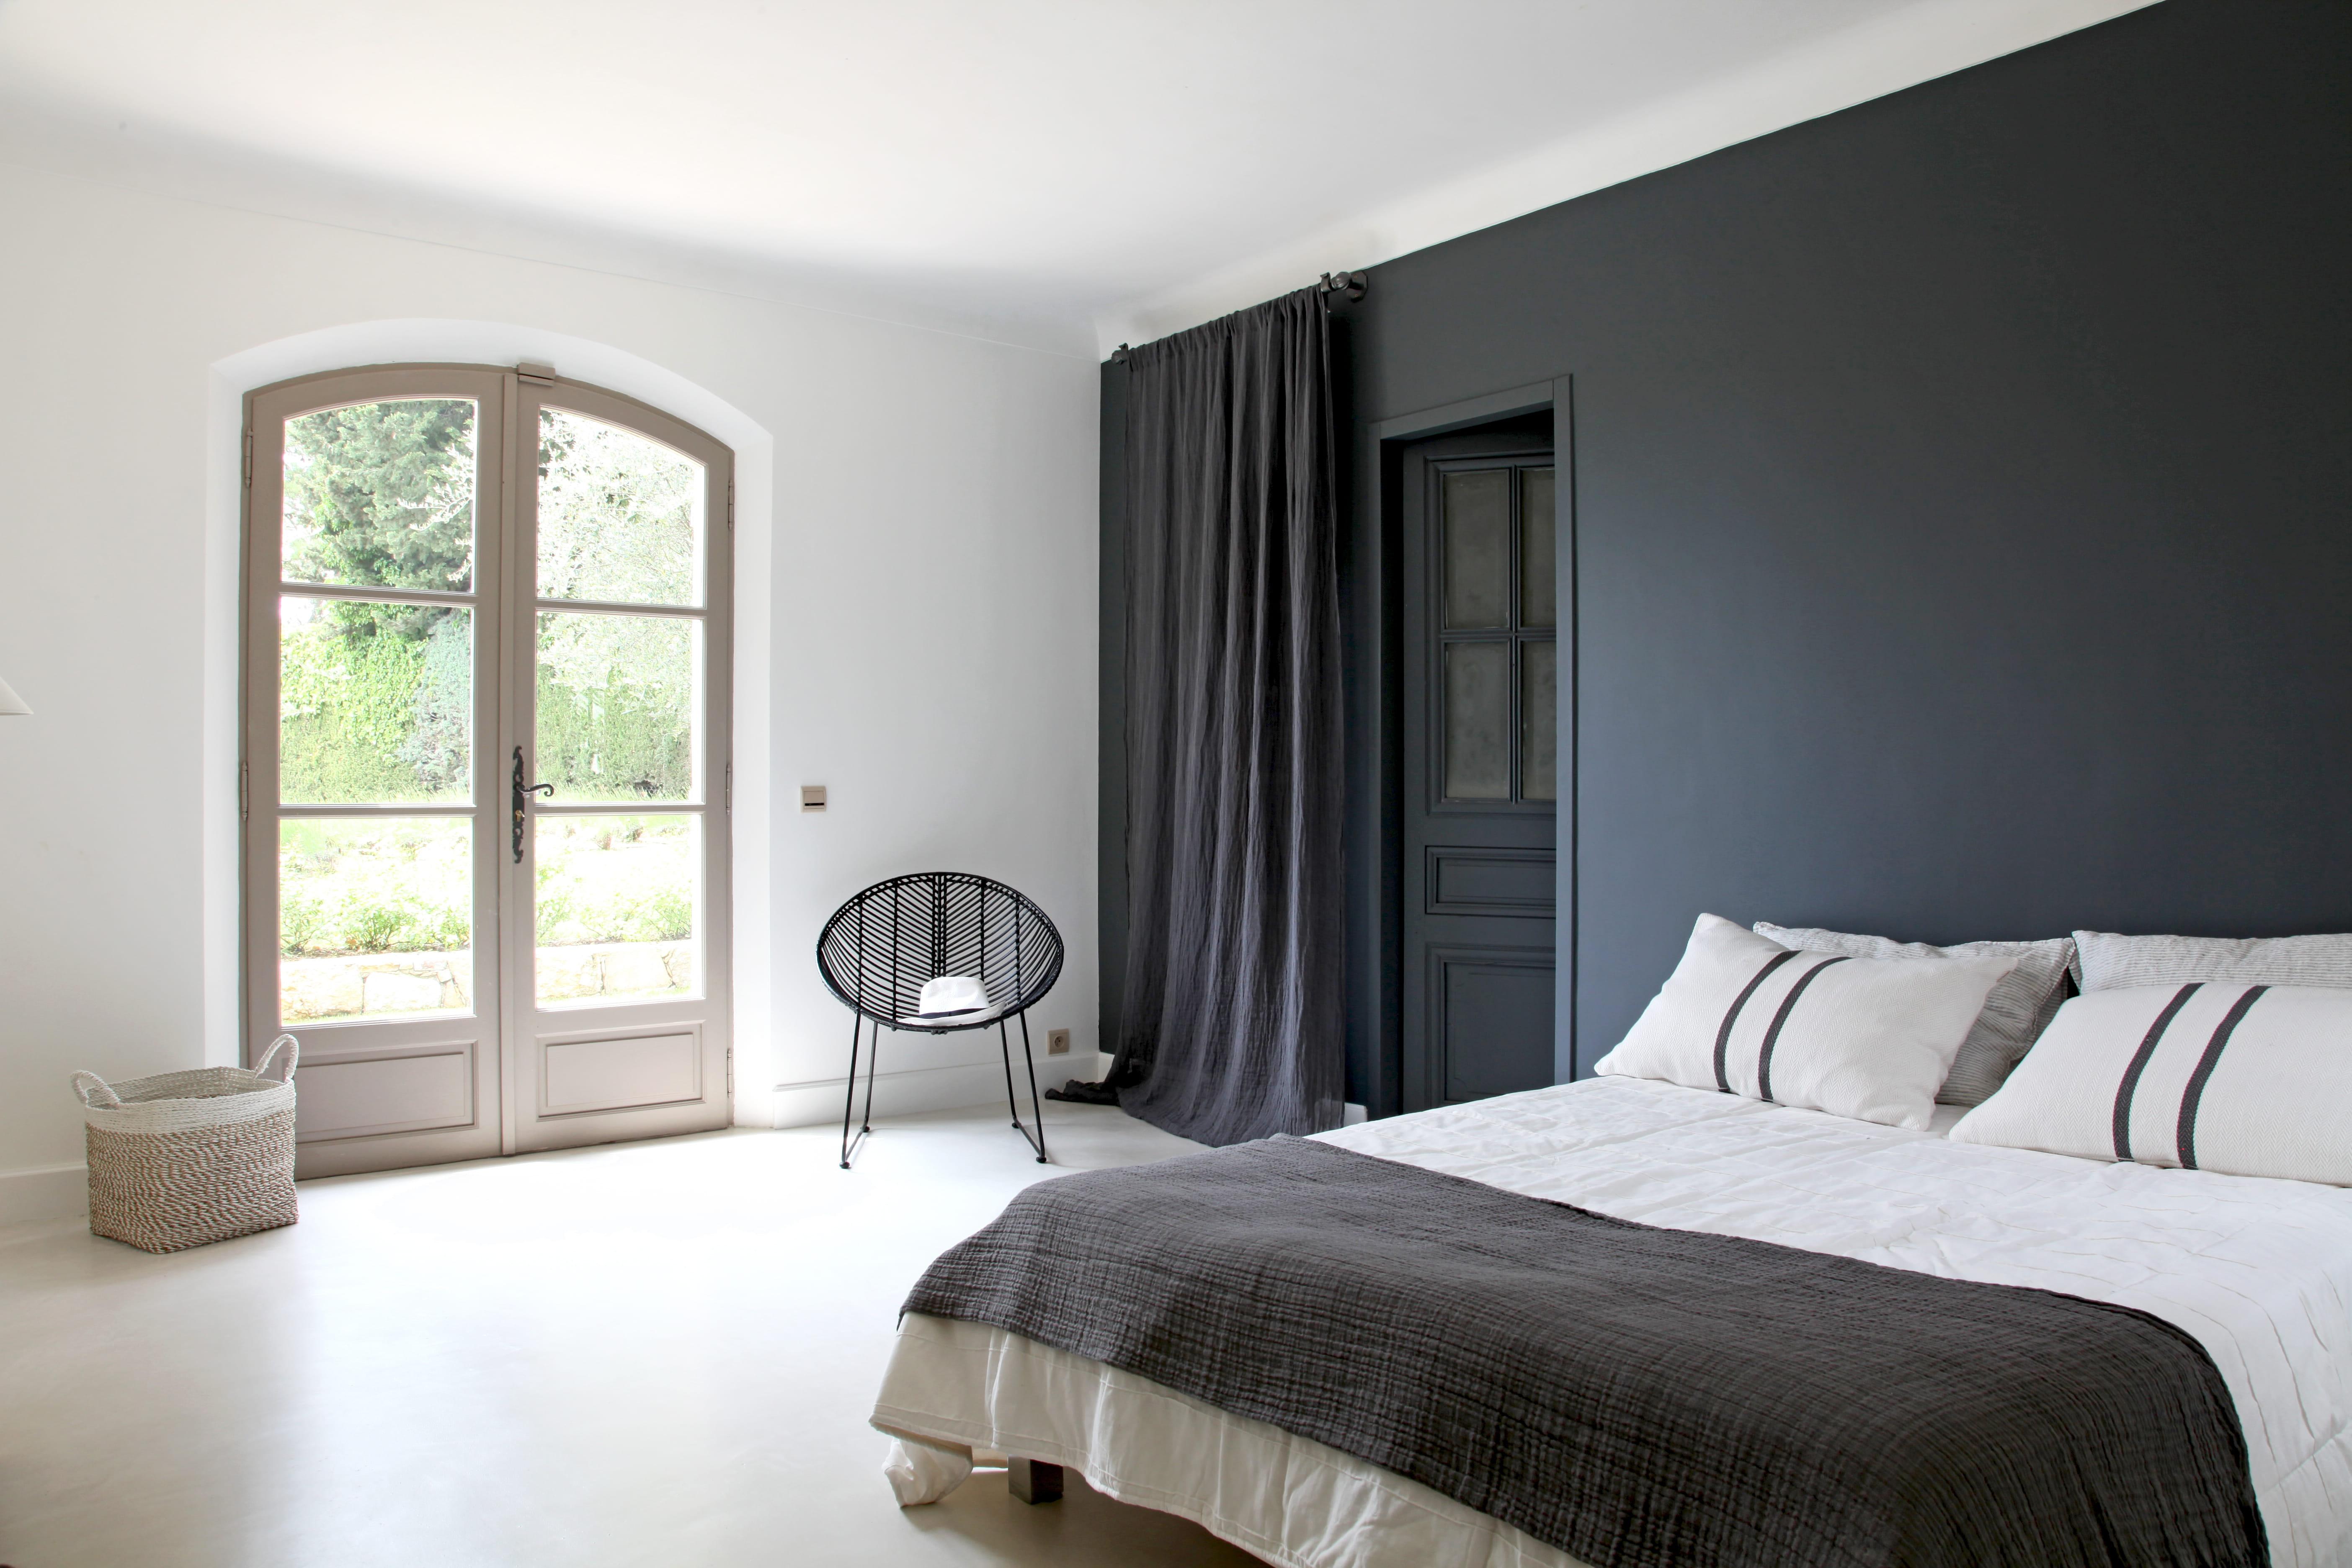 Une chambre d 39 adulte en noir et blanc - Couleur zen chambre adulte ...